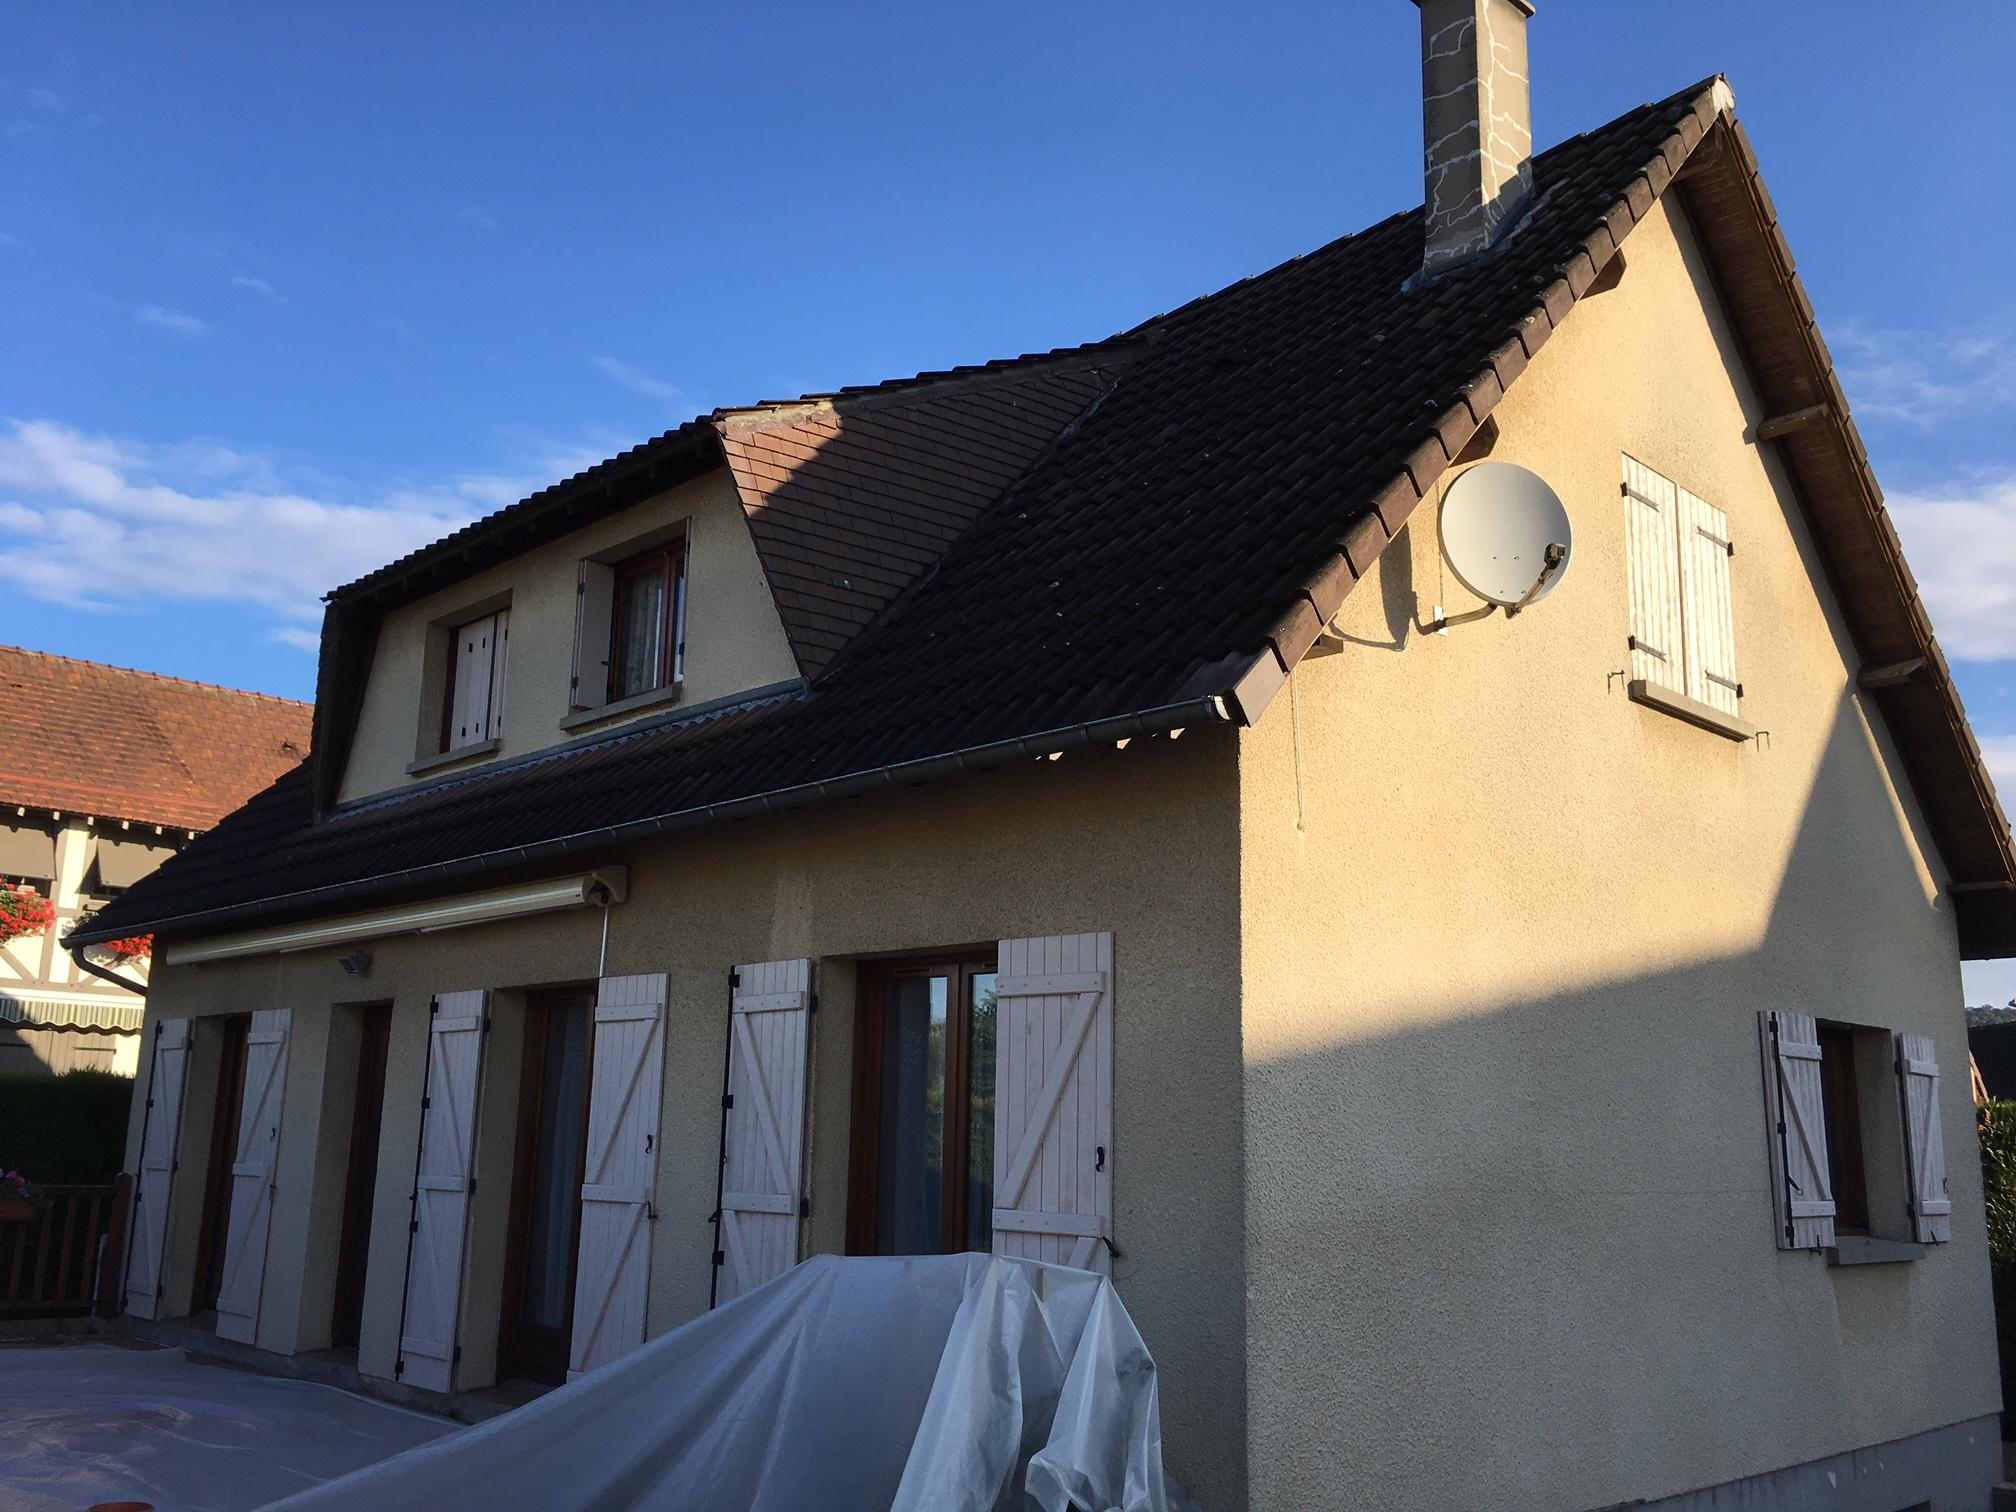 Nettoyage d'une couverture complète à Cleon (Rouen sud)